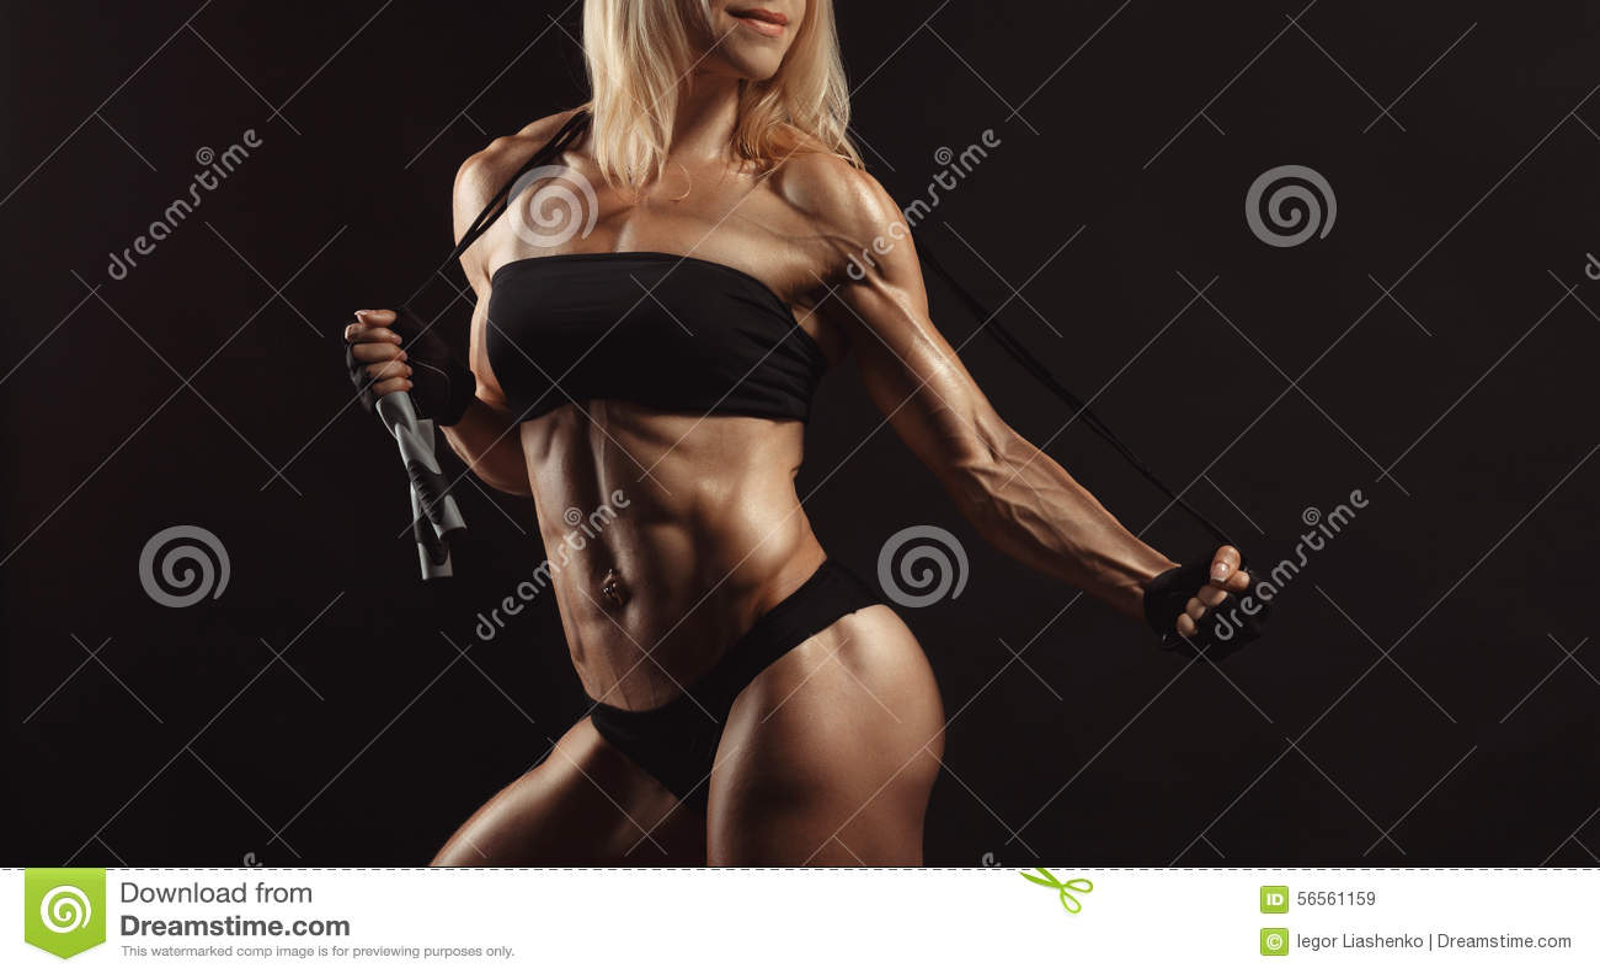 Download Βέβαιο νέο μυϊκό θηλυκό ικανότητας Στοκ Εικόνα - εικόνα από αθλητών, μυς: 56561159